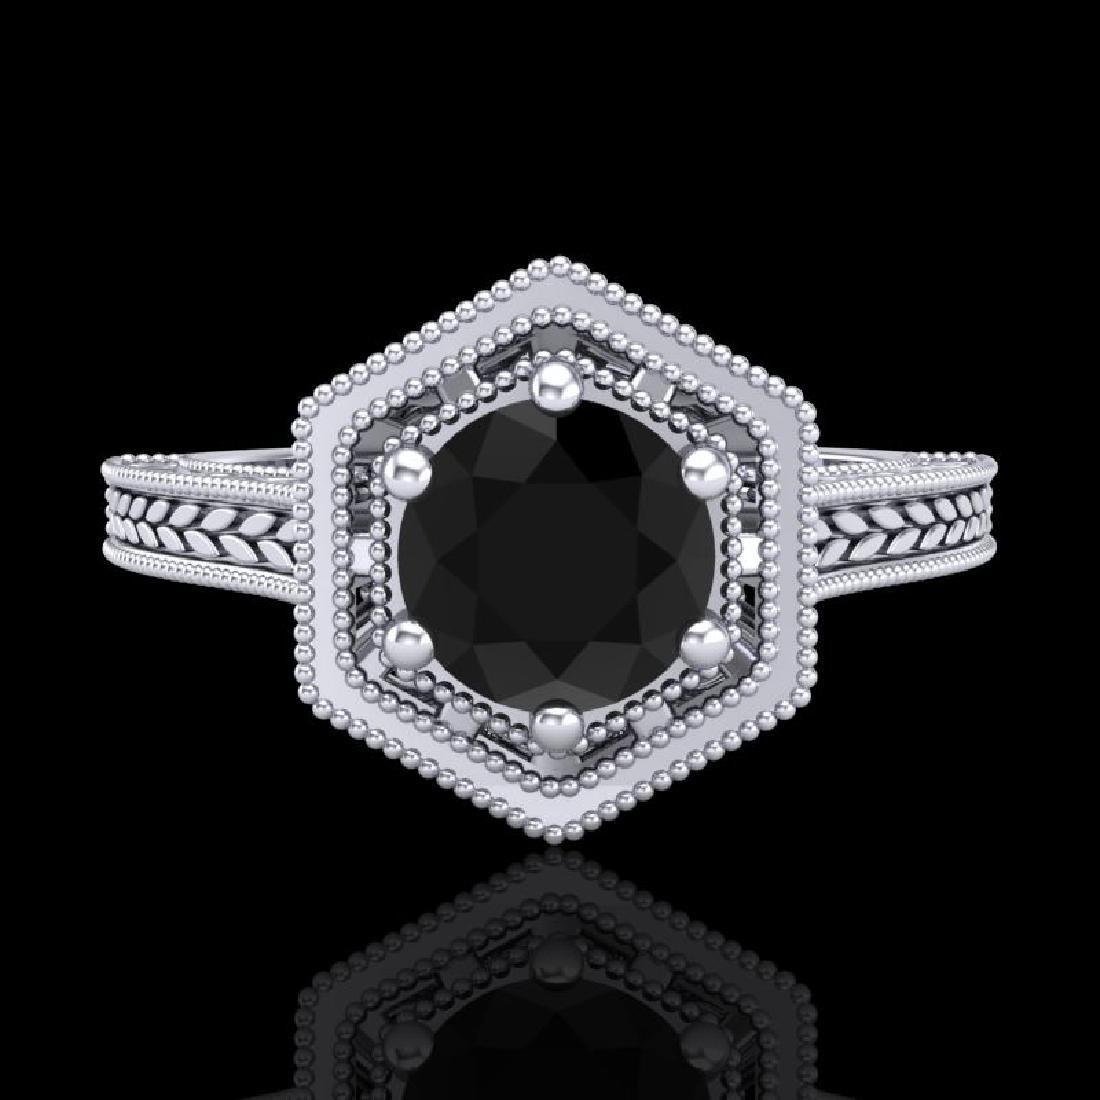 0.77 CTW Fancy Black Diamond Solitaire Engagement Art - 2